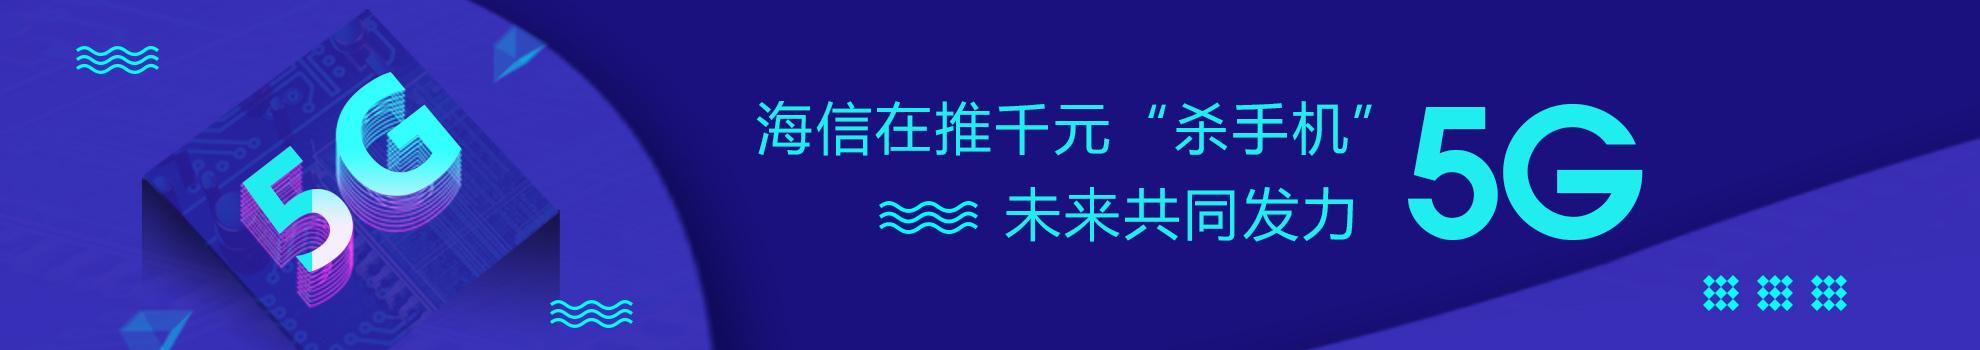 """海信携展锐推千元""""杀手机""""F30S 未来共同"""